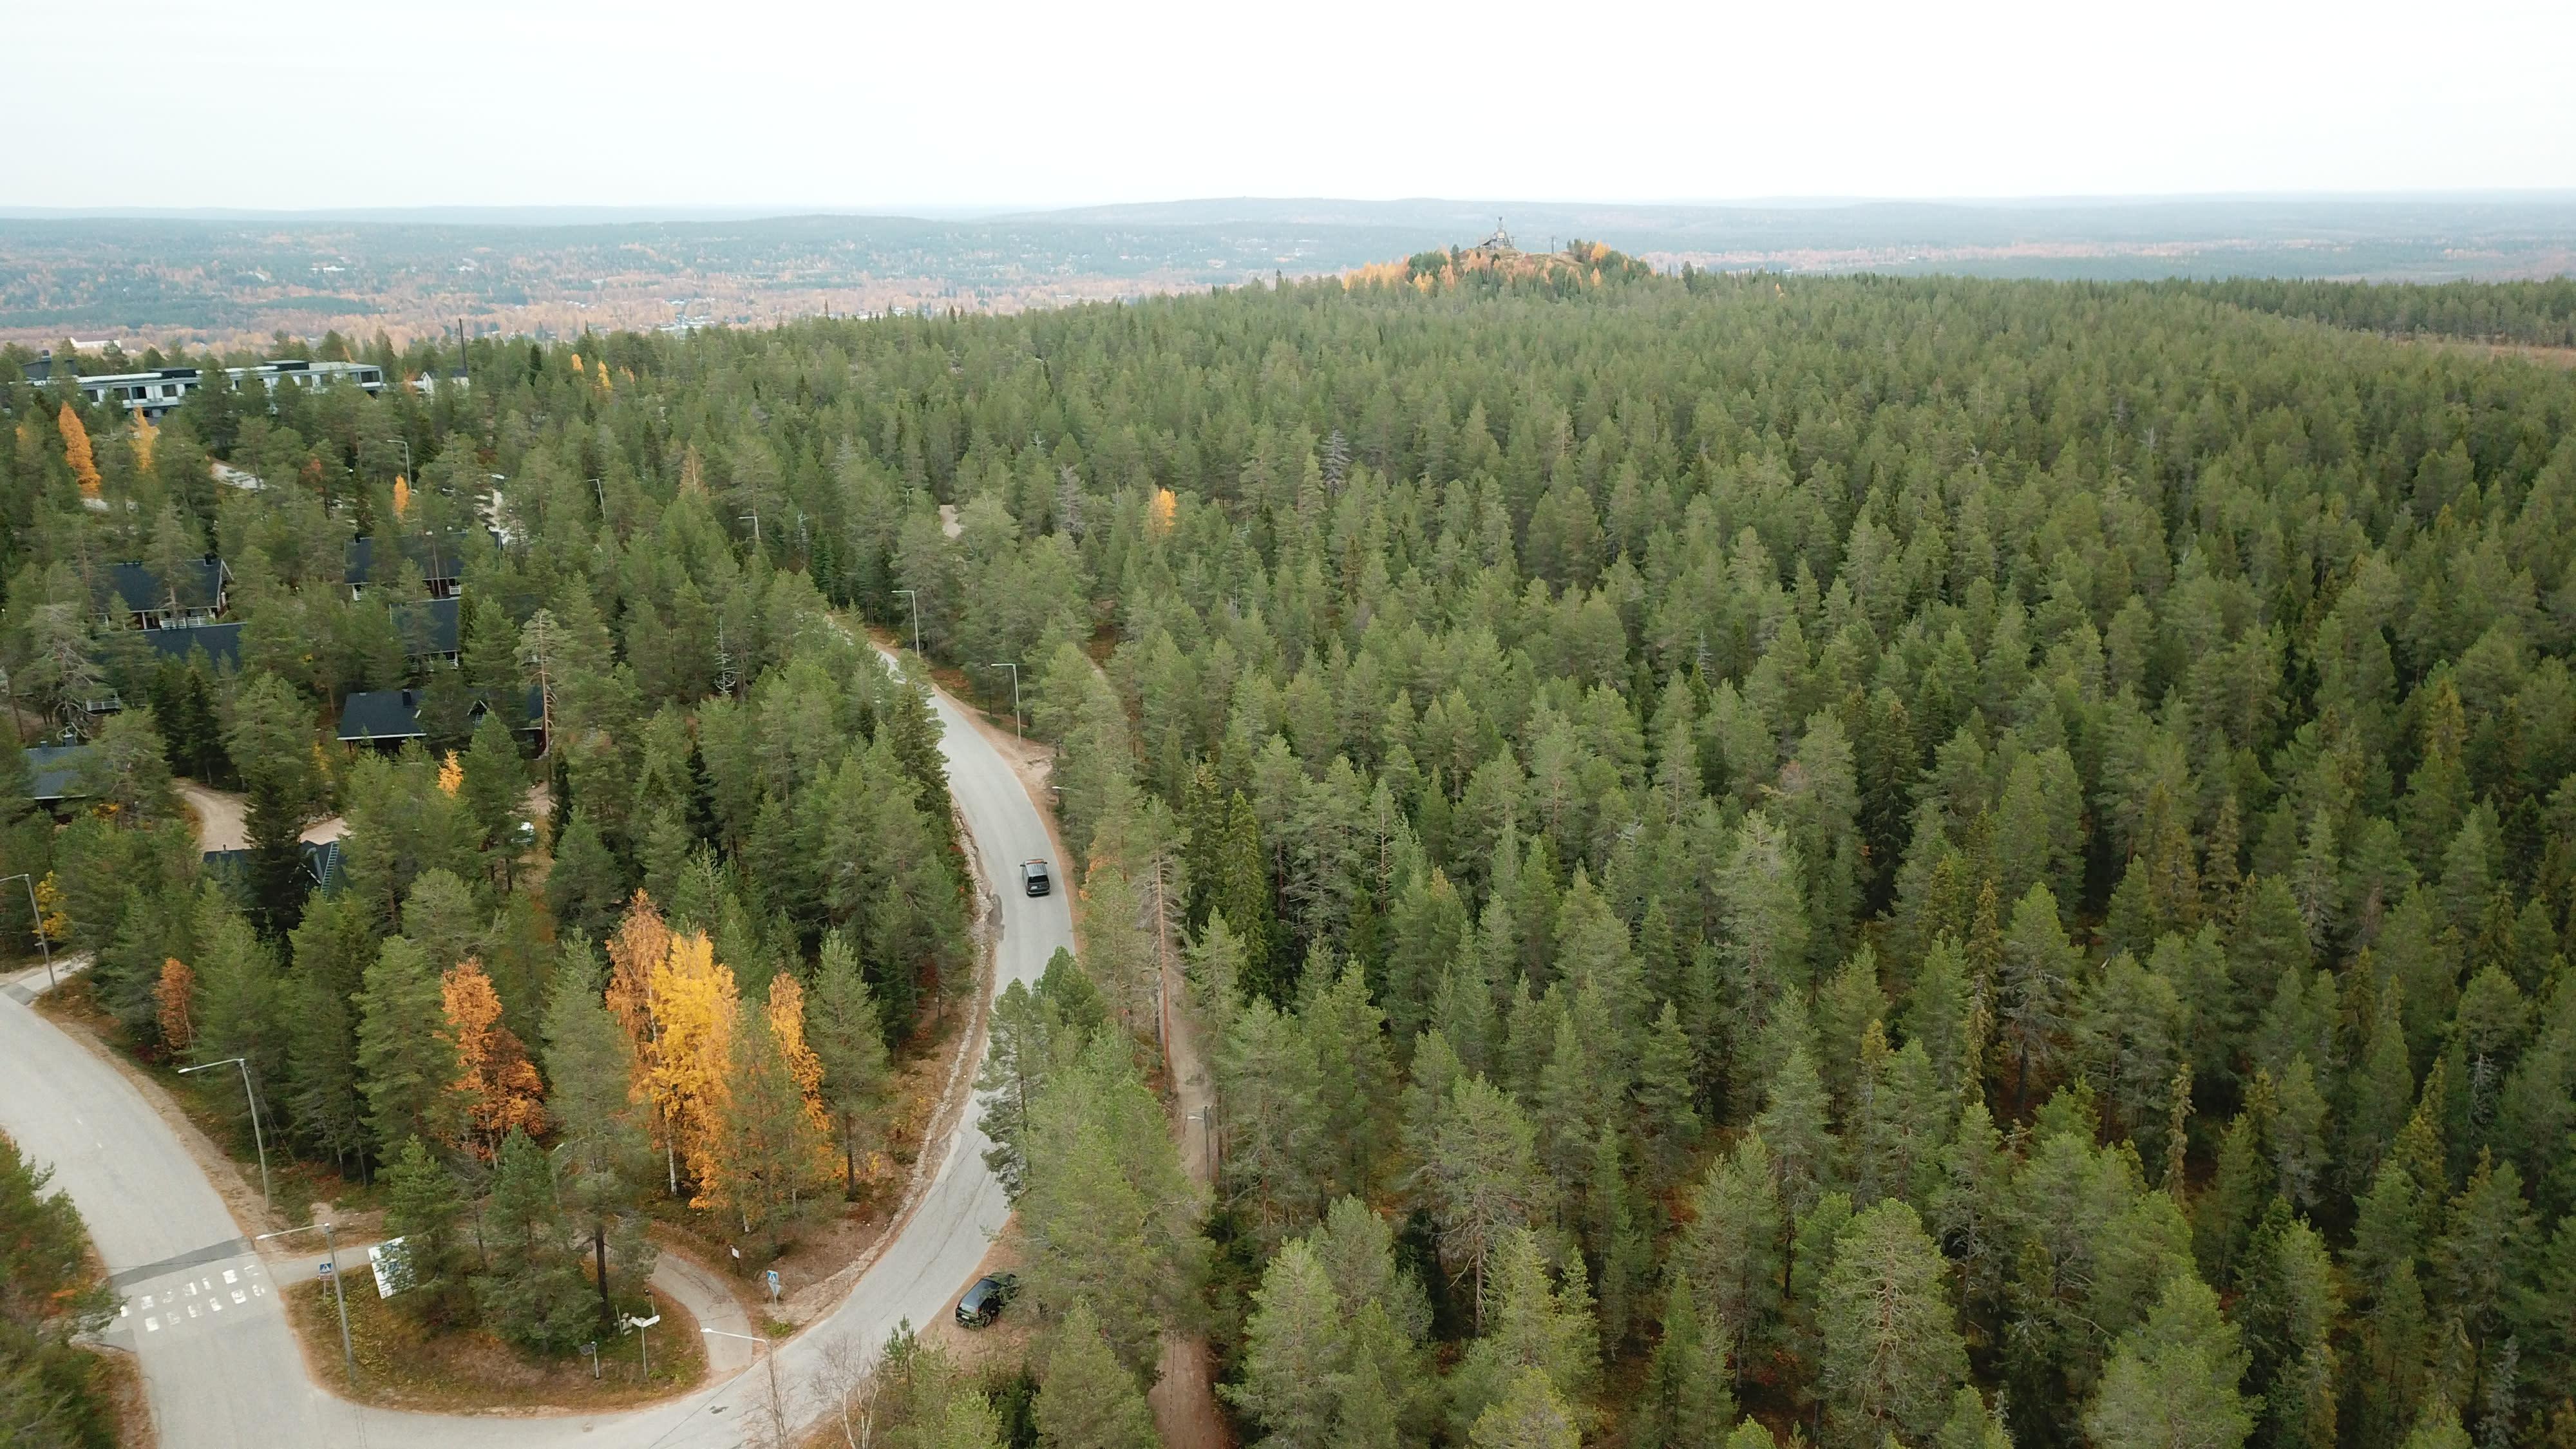 Ilmakuva Ounasvaaralta, alla näkyy metsää ja tie, jolla ajaa auto.